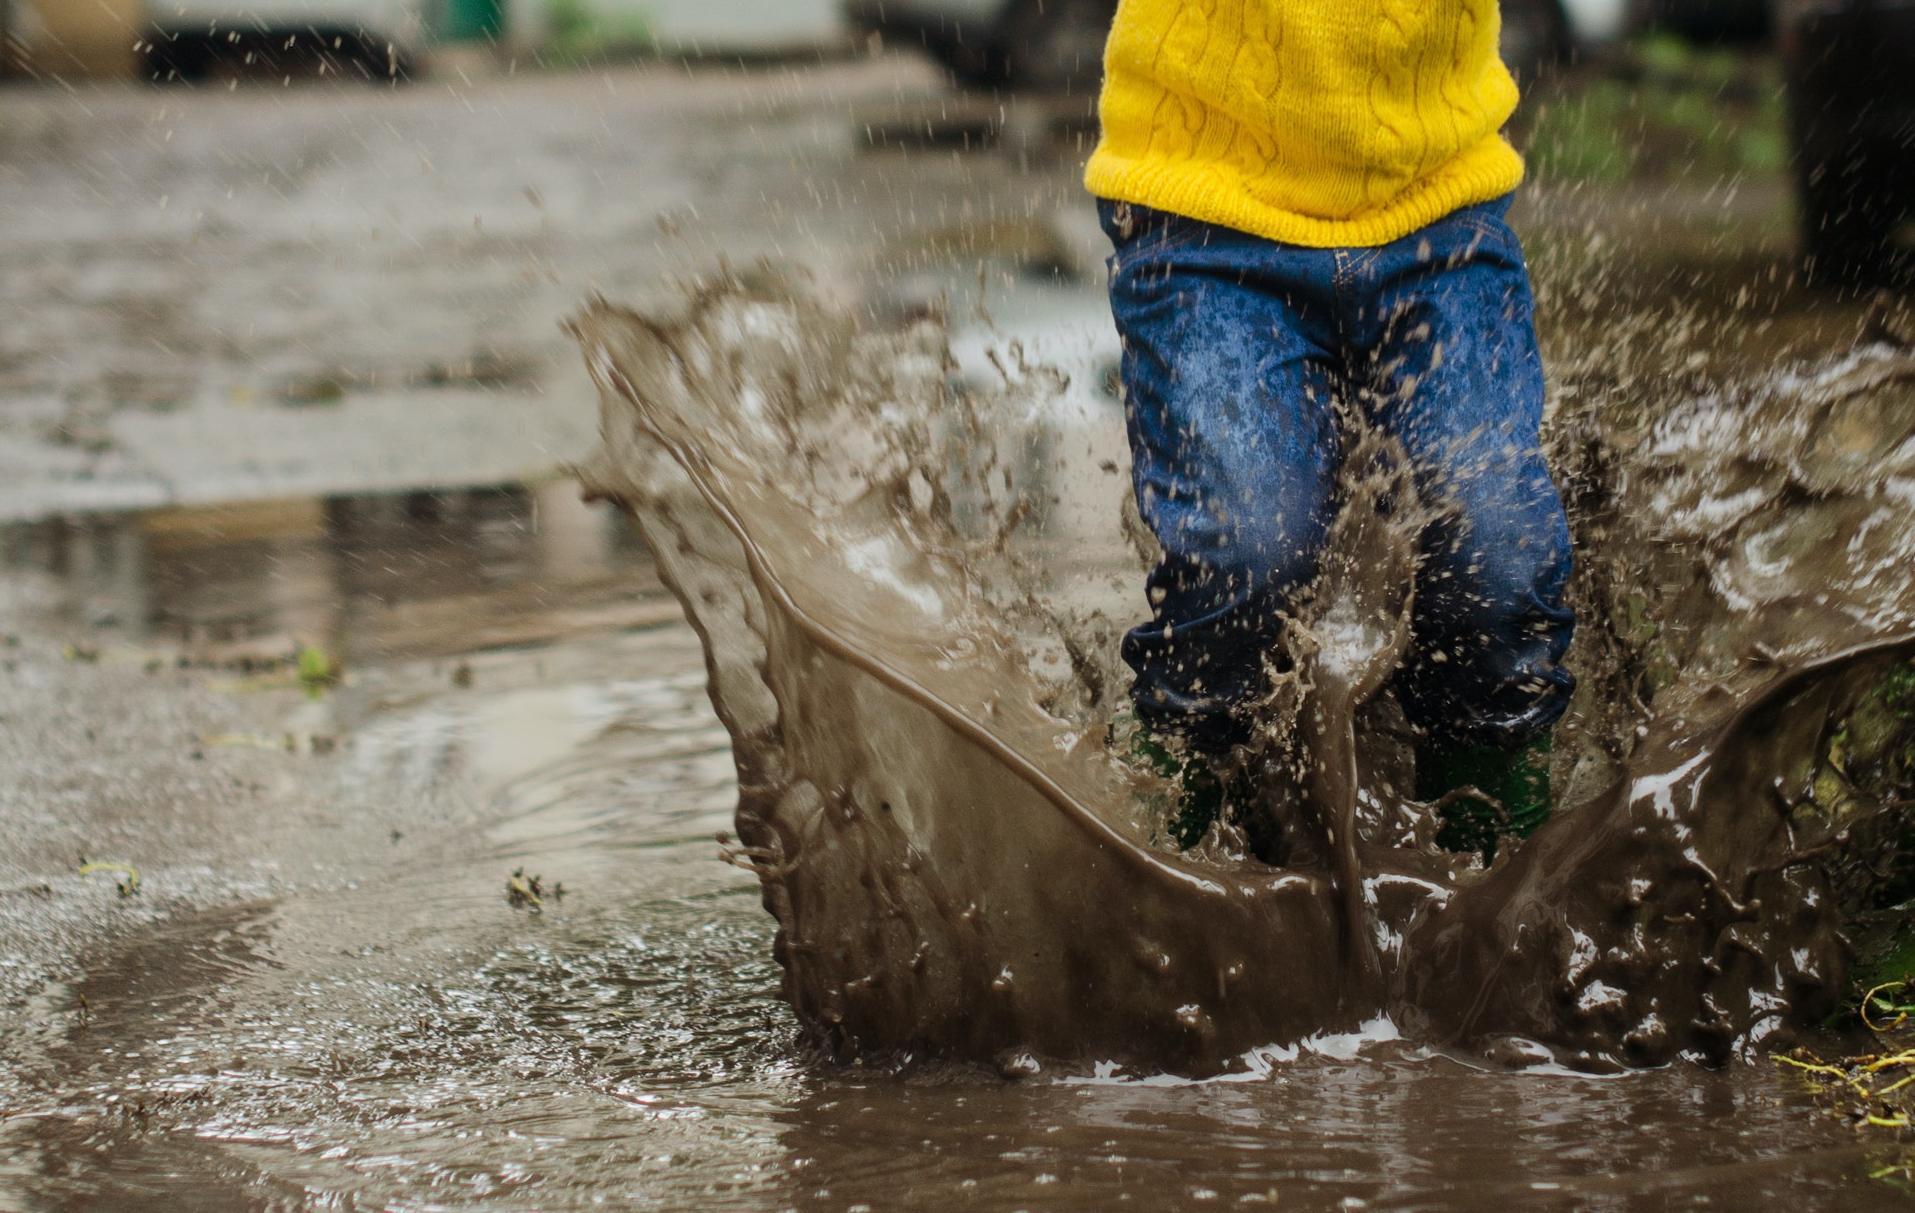 Regenbuien, droogte, hitte, bodemdaling; het wordt steeds extremer. Hoe gaan we die grote problemen te lijf, vragen waterschap en gemeenten